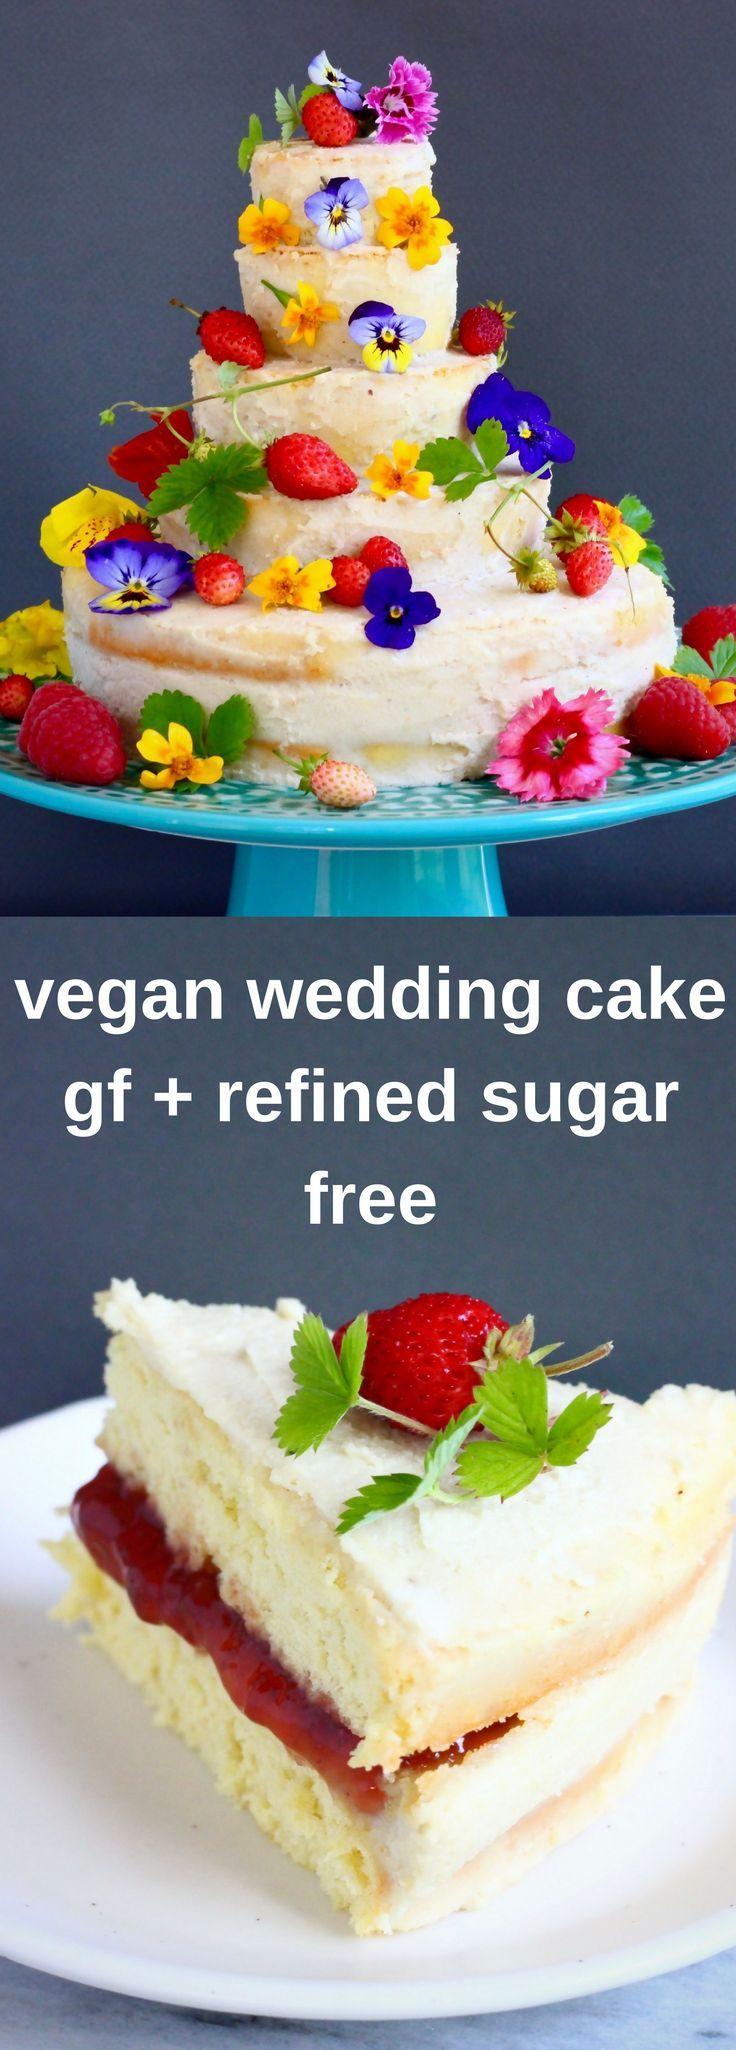 Gluten-Free Vegan Wedding Cake | Recipe | Vegan wedding cakes ...